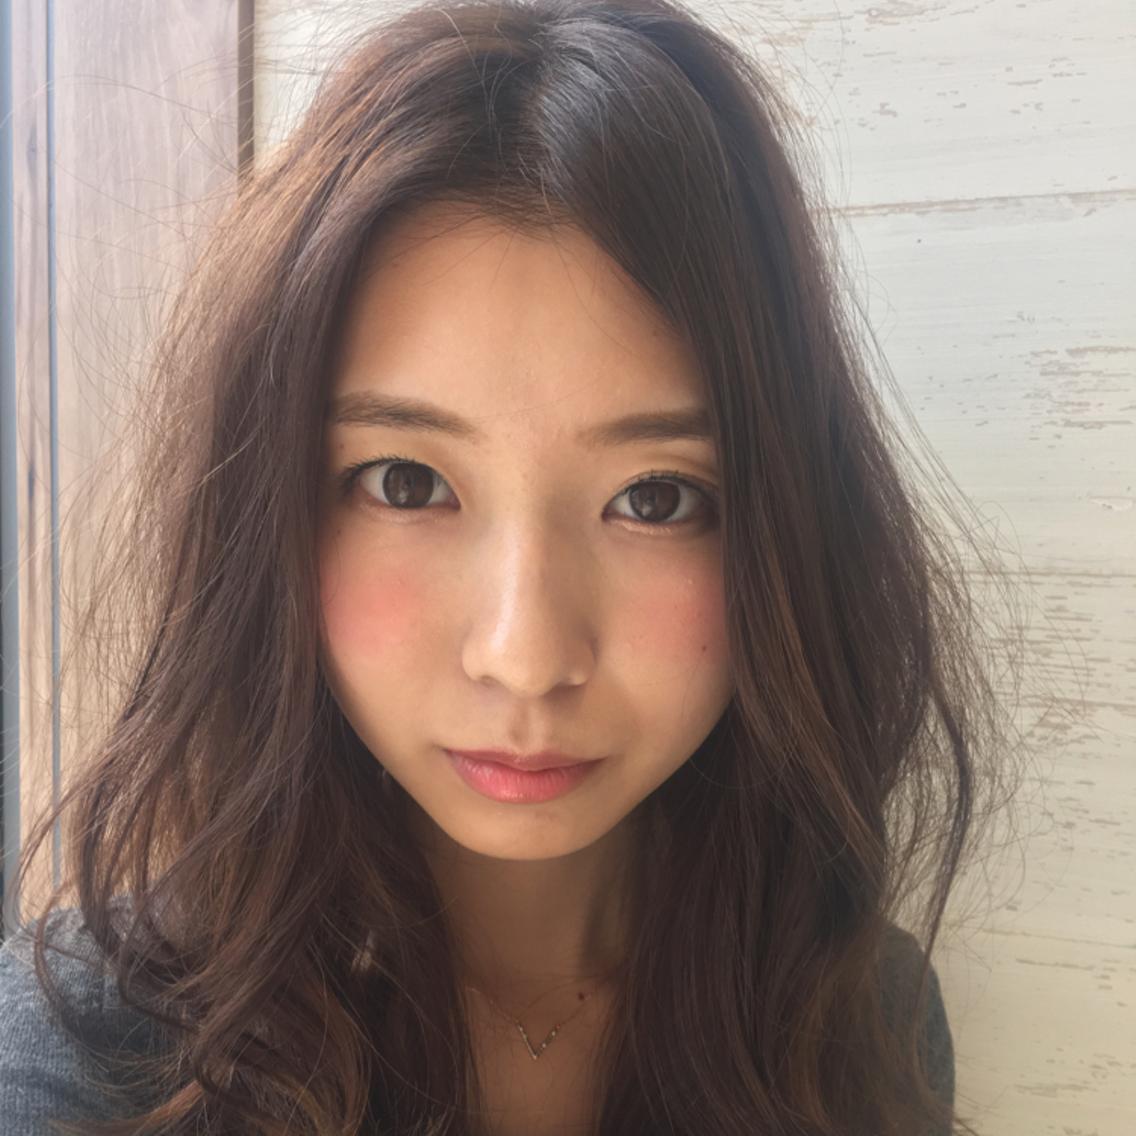 神戸の上質な大人サロン☆ショート★ボブ★今だけカット無料!